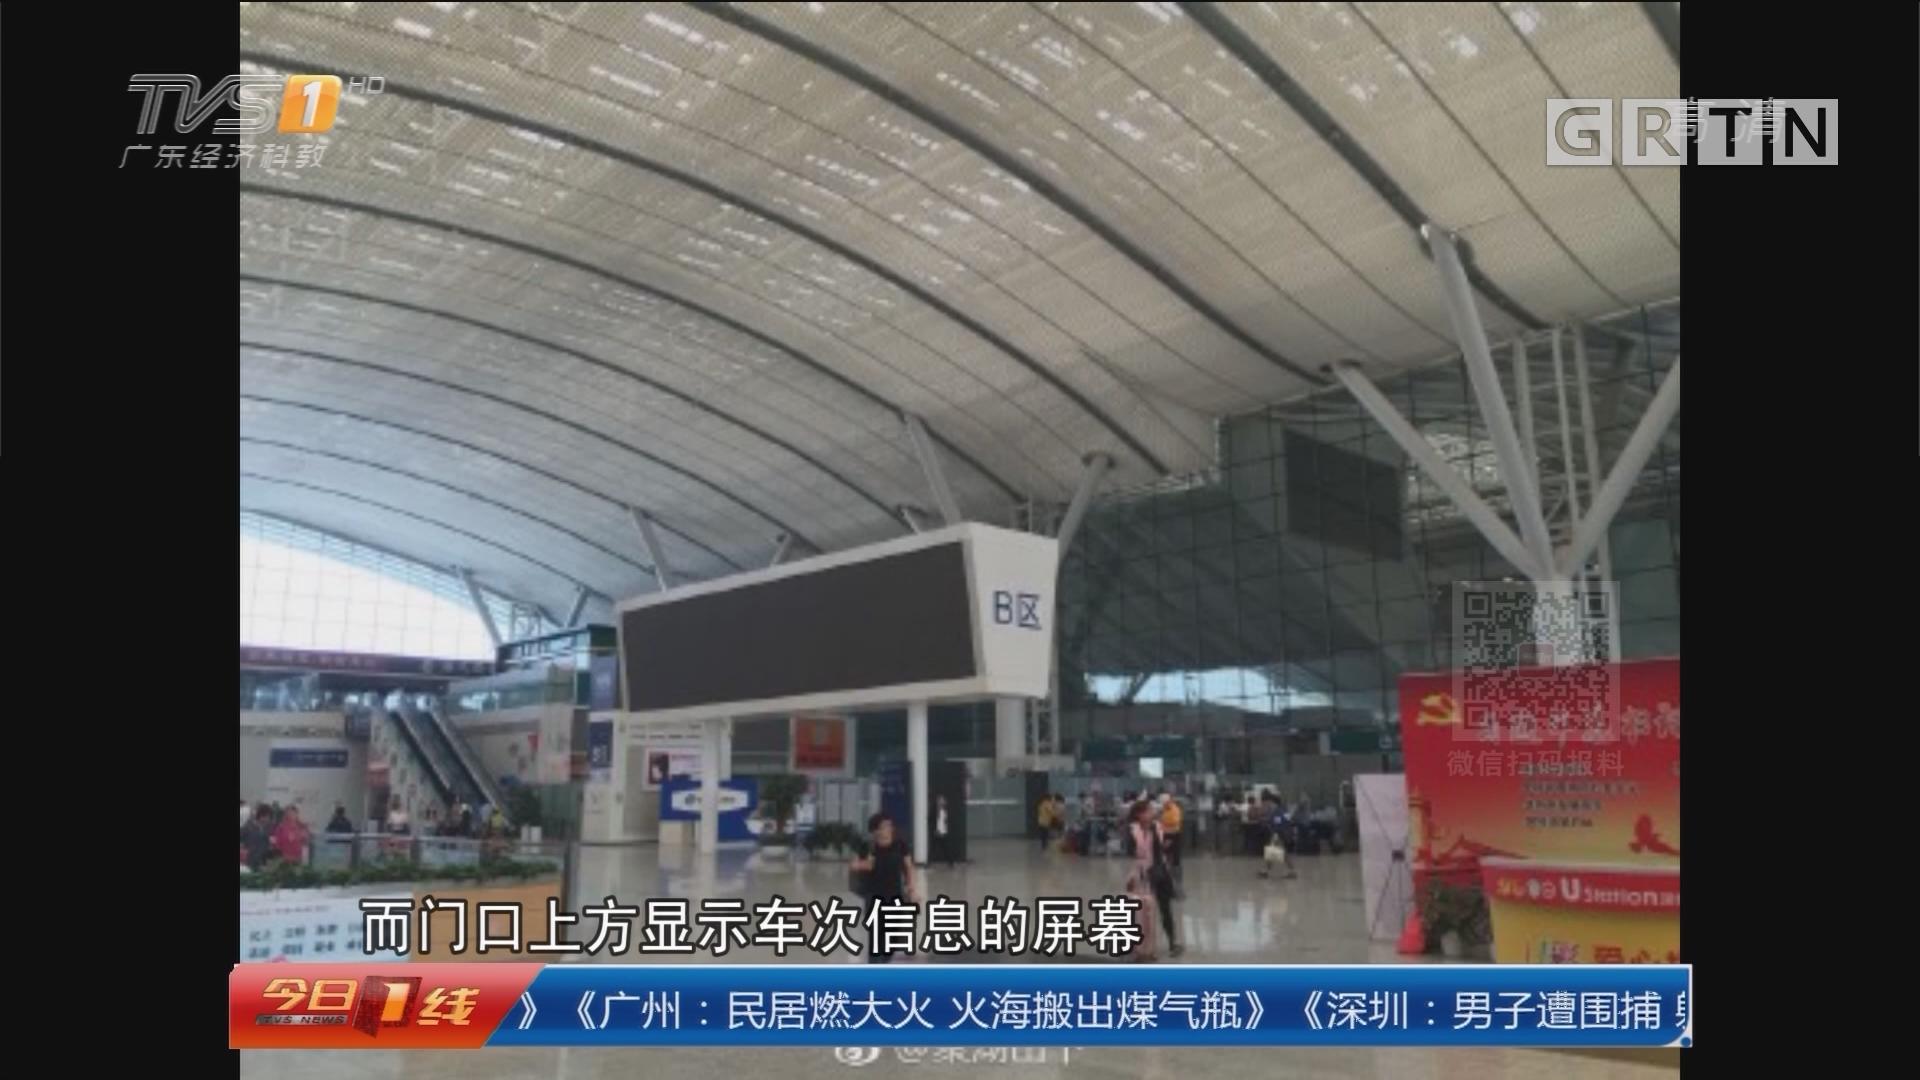 深圳北站:车站停电时长创记录 应急预案启动